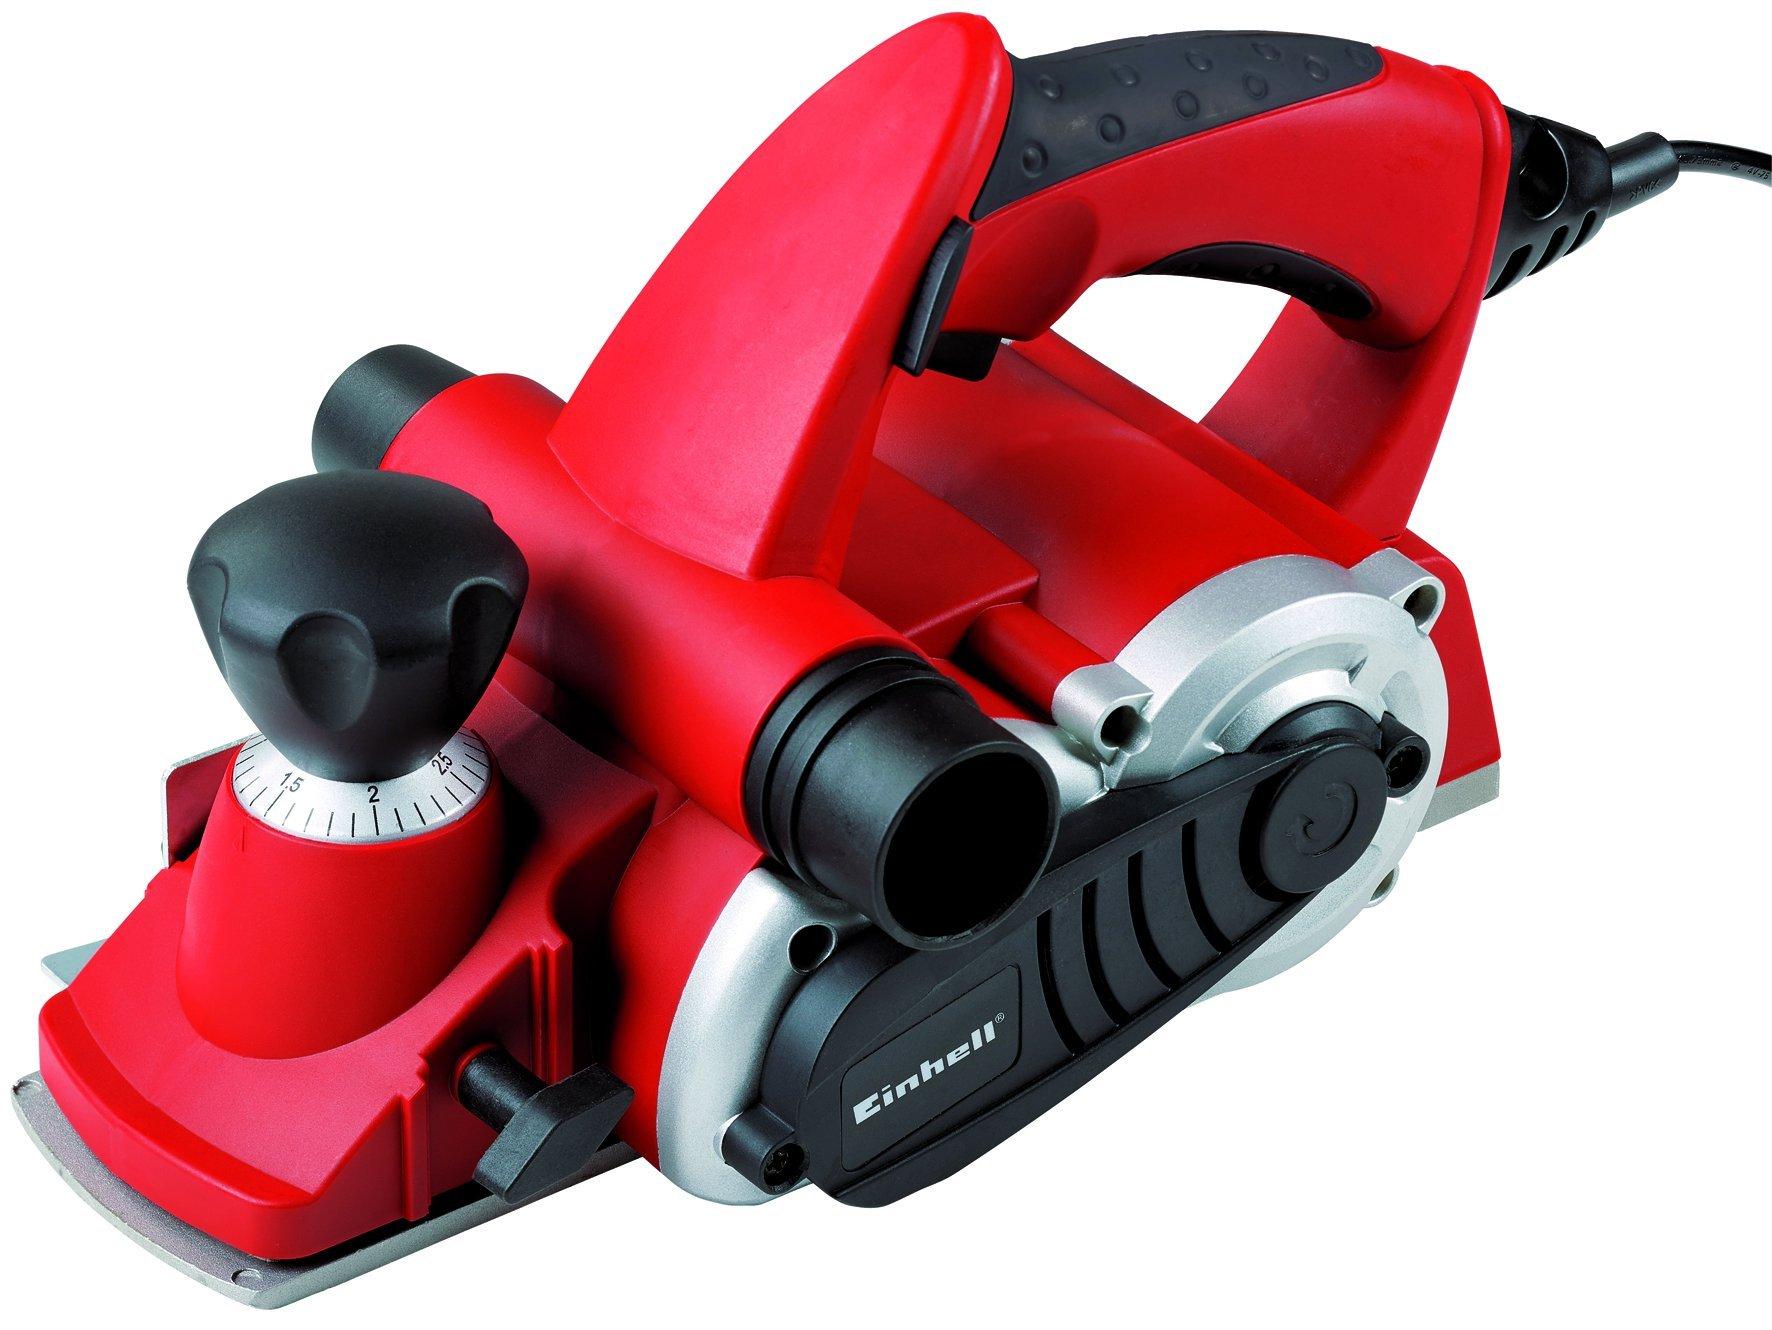 EINHELL TE-PL 850 Pialletto Elettrico Manuale Potenza 850 W Colore Rosso